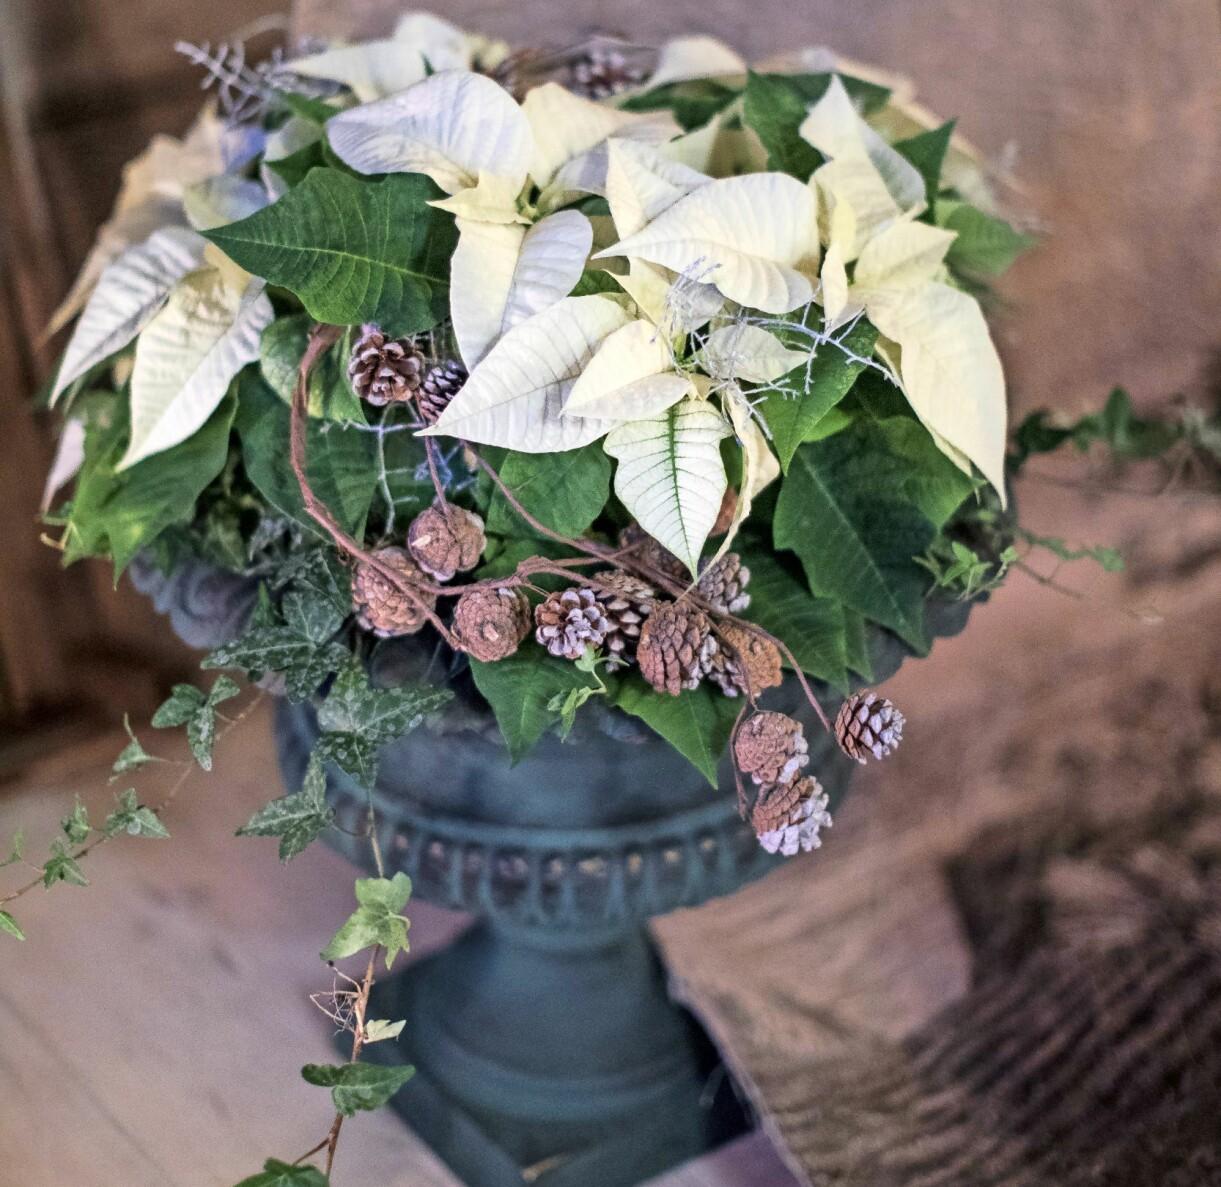 Vit julstjärna med kottar och murgröna i en svart kruka.